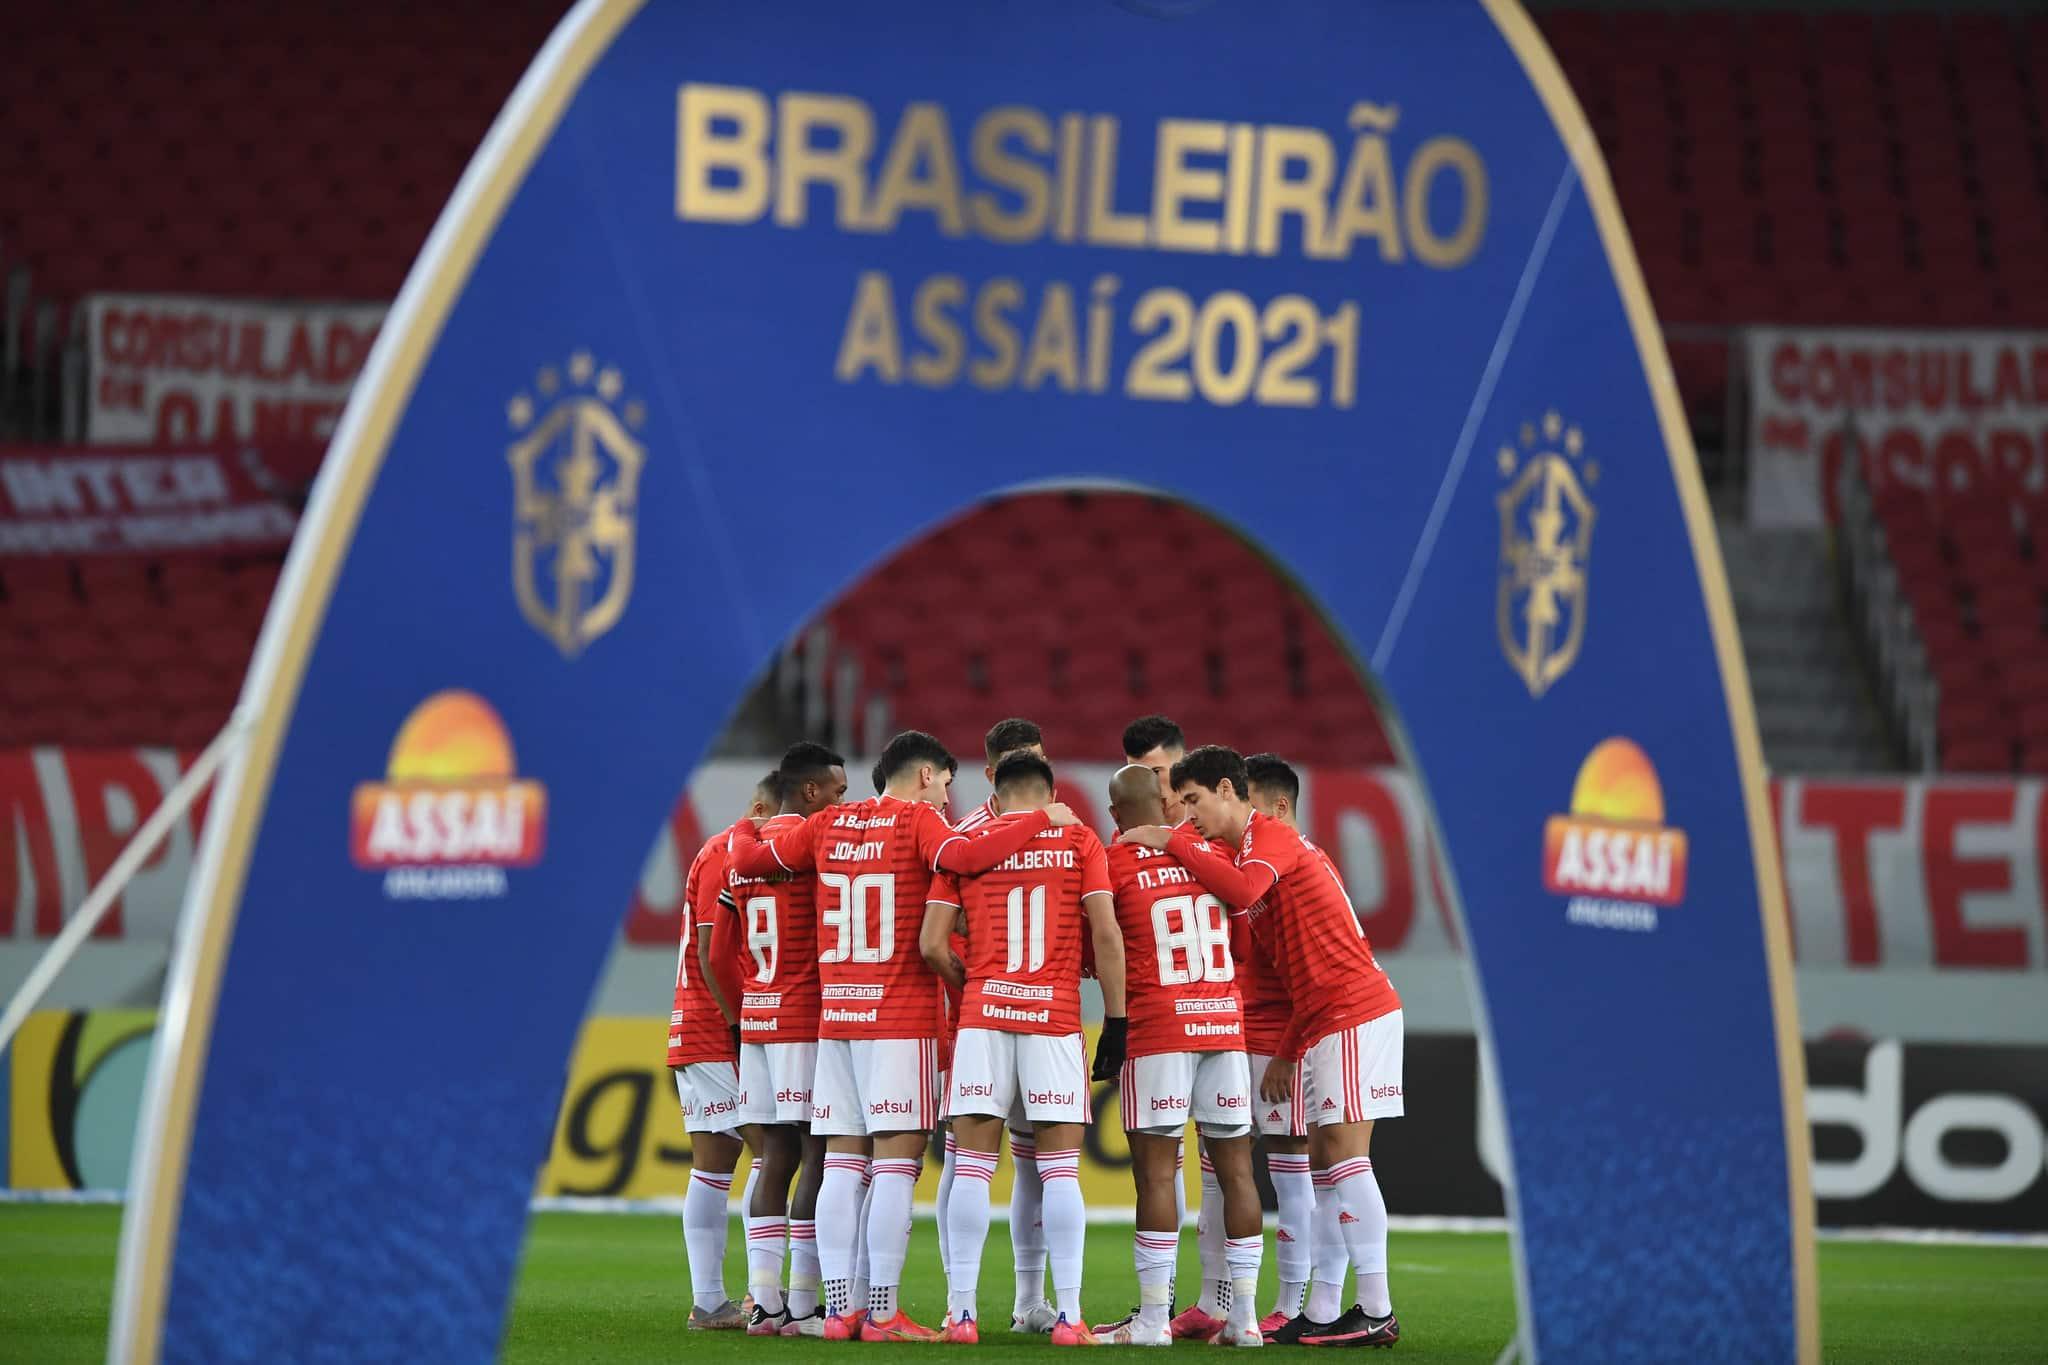 Com objetivos distintos, Internacional e Fortaleza se enfrentam na manhã deste domingo (19), às 11h, no Estádio Beira Rio